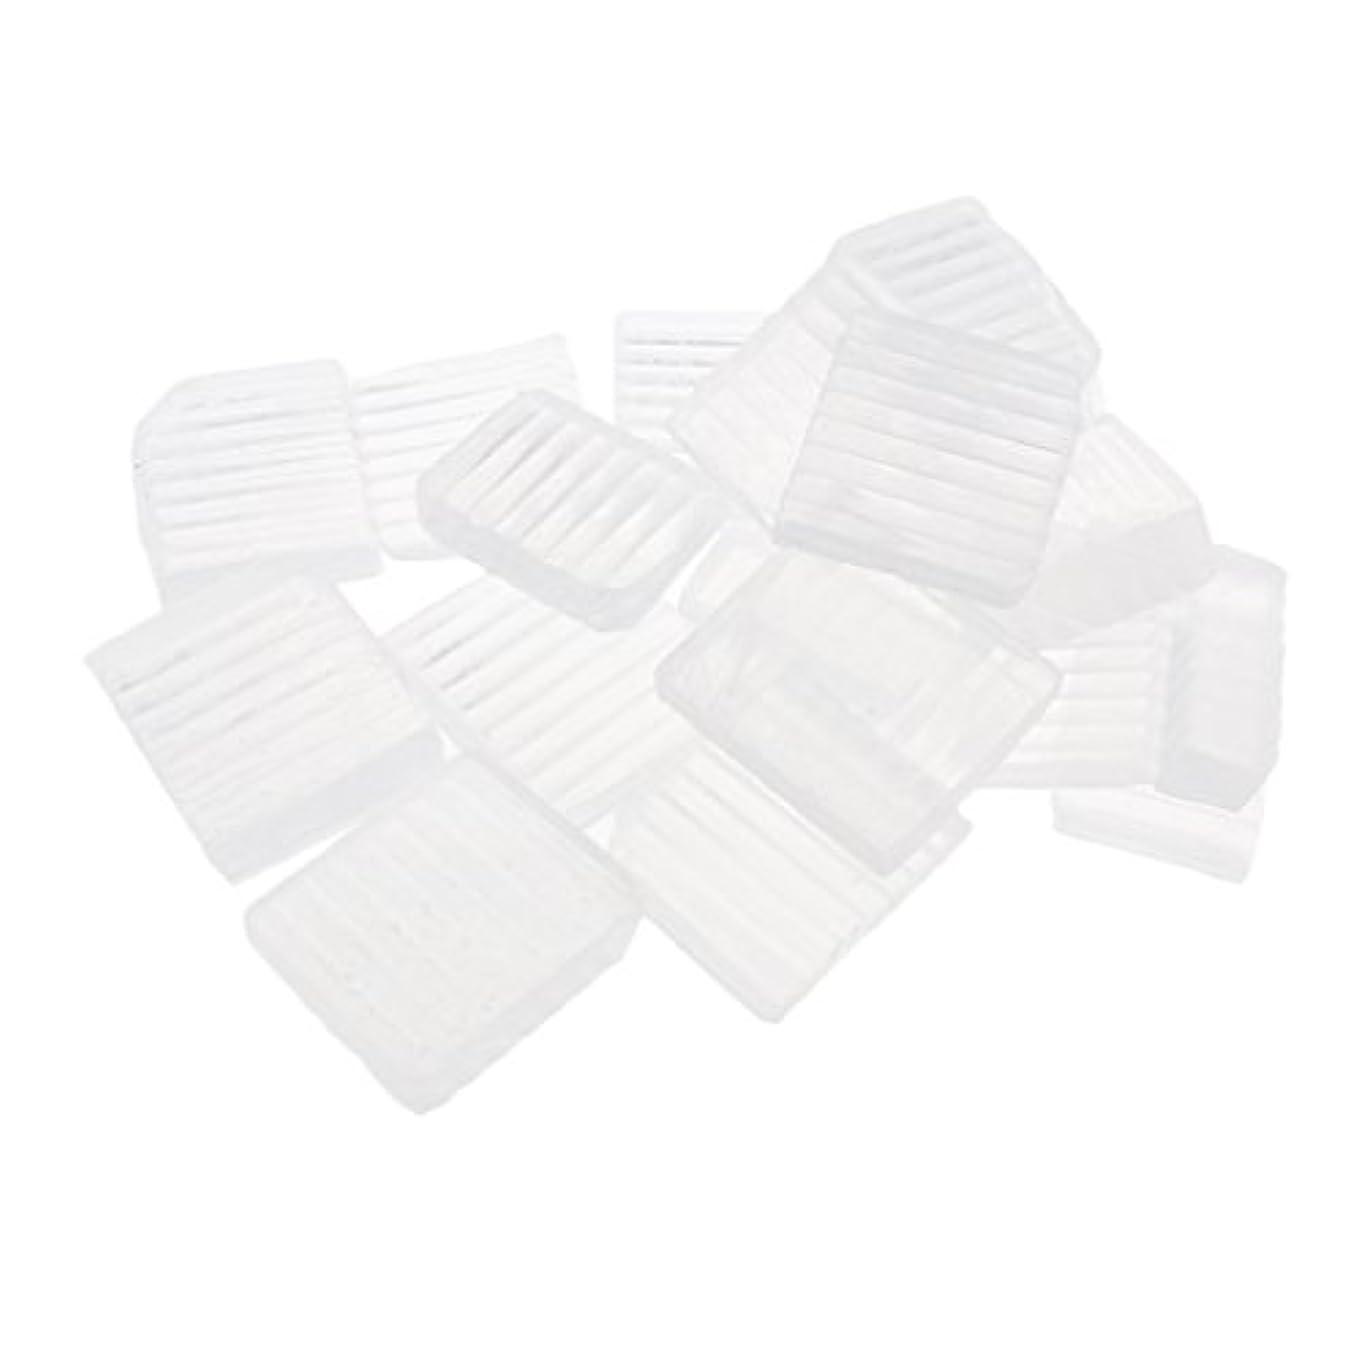 季節賞賛ゴージャスsharprepublic 透明 石鹸ベース DIY 石鹸作り ソープベース 透明 石鹸クラフト 石鹸メイク 約1KG